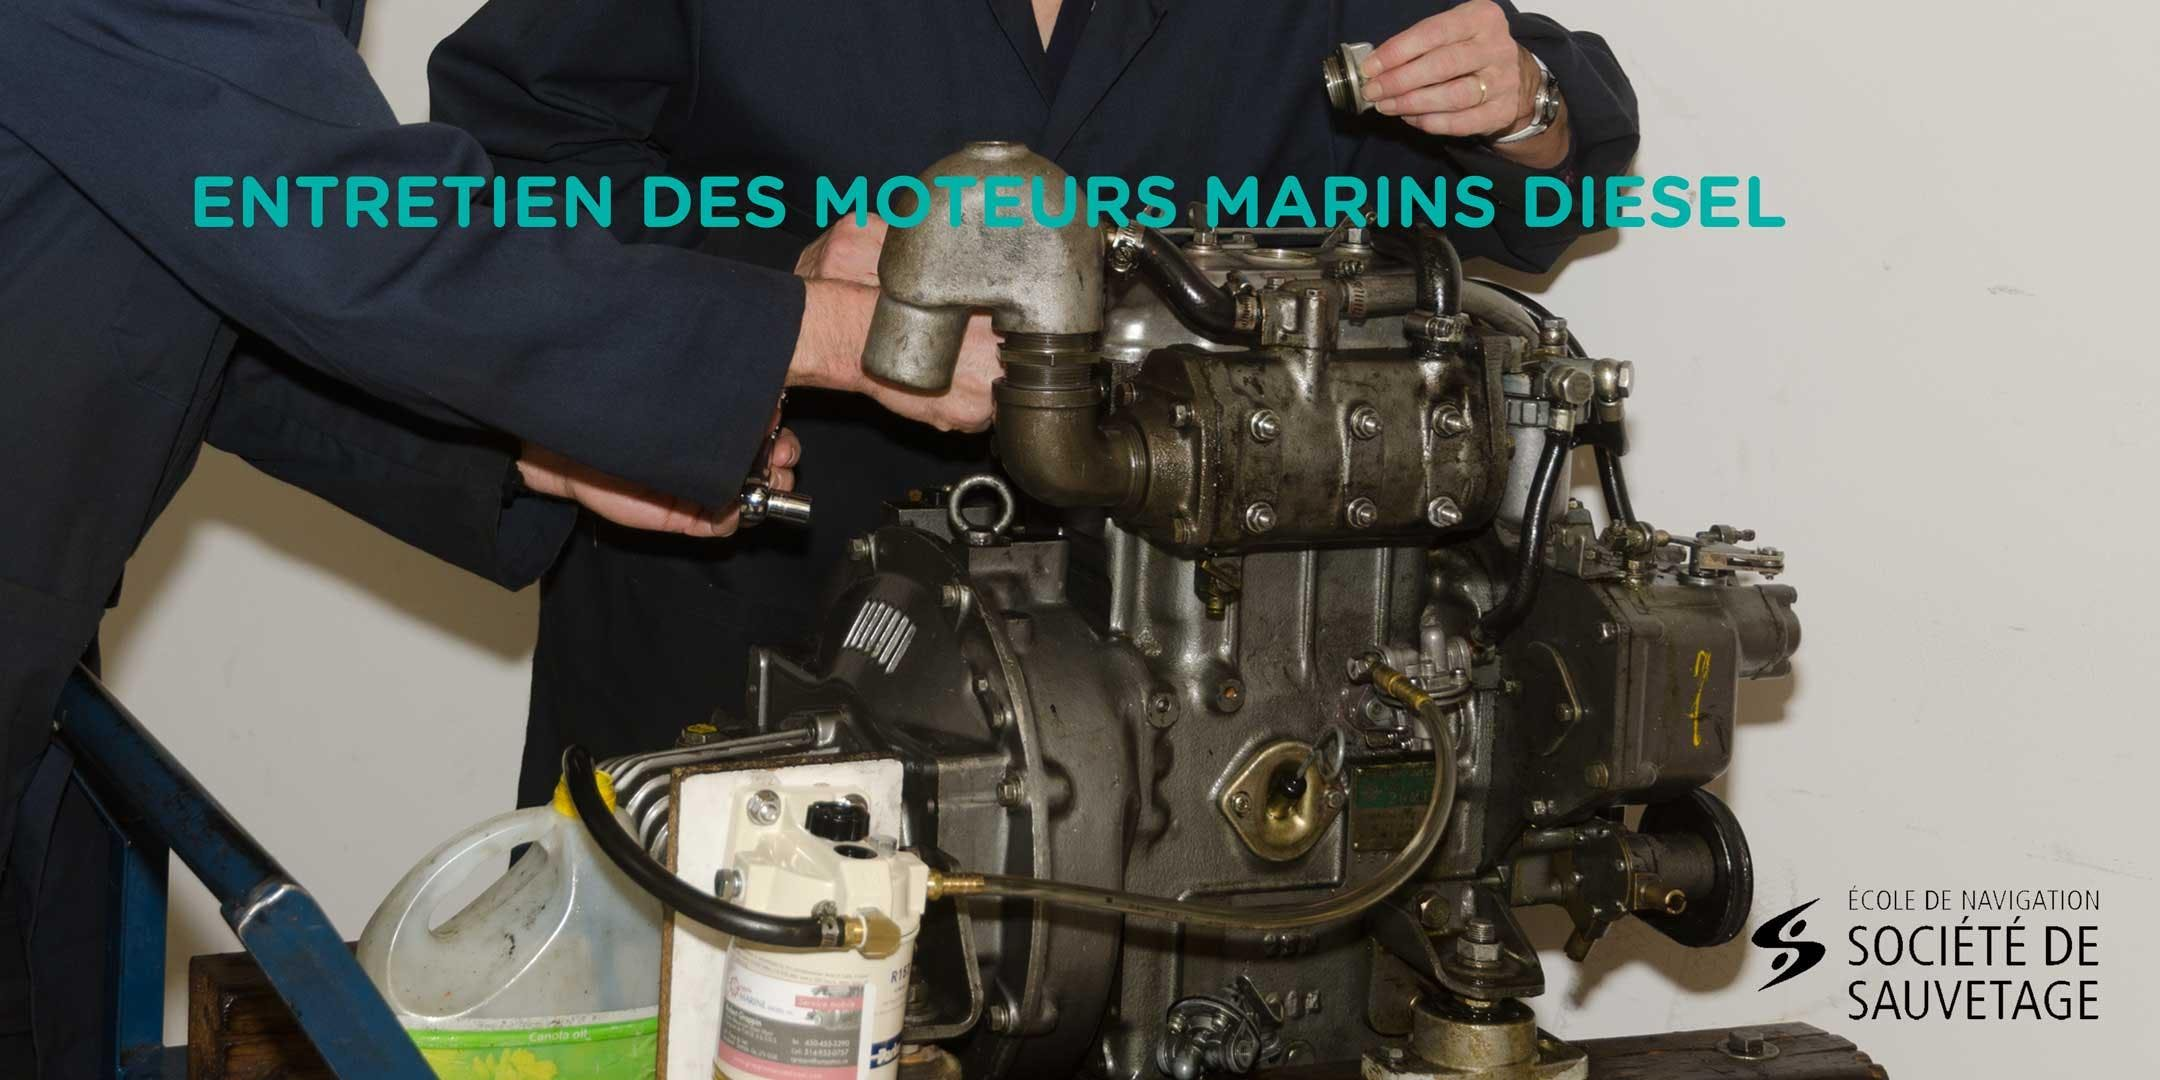 Entretien des moteurs marins diesel (19-16)